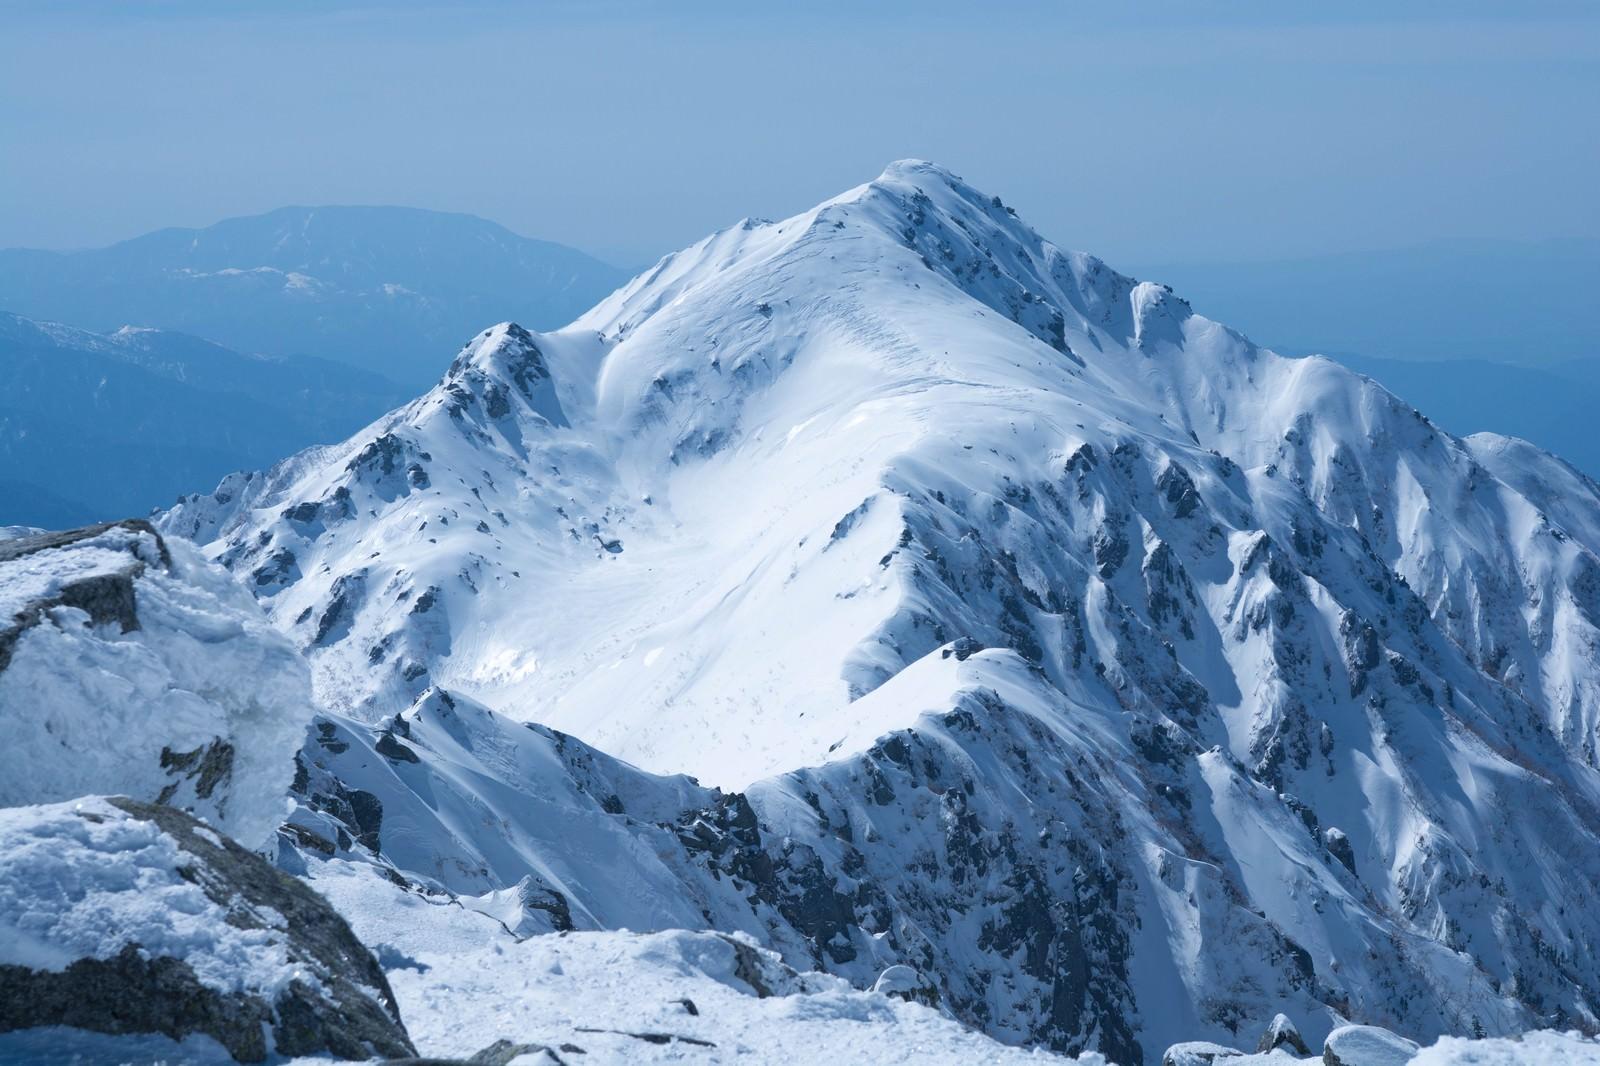 「凍てつく三ノ沢岳(雪山)凍てつく三ノ沢岳(雪山)」のフリー写真素材を拡大